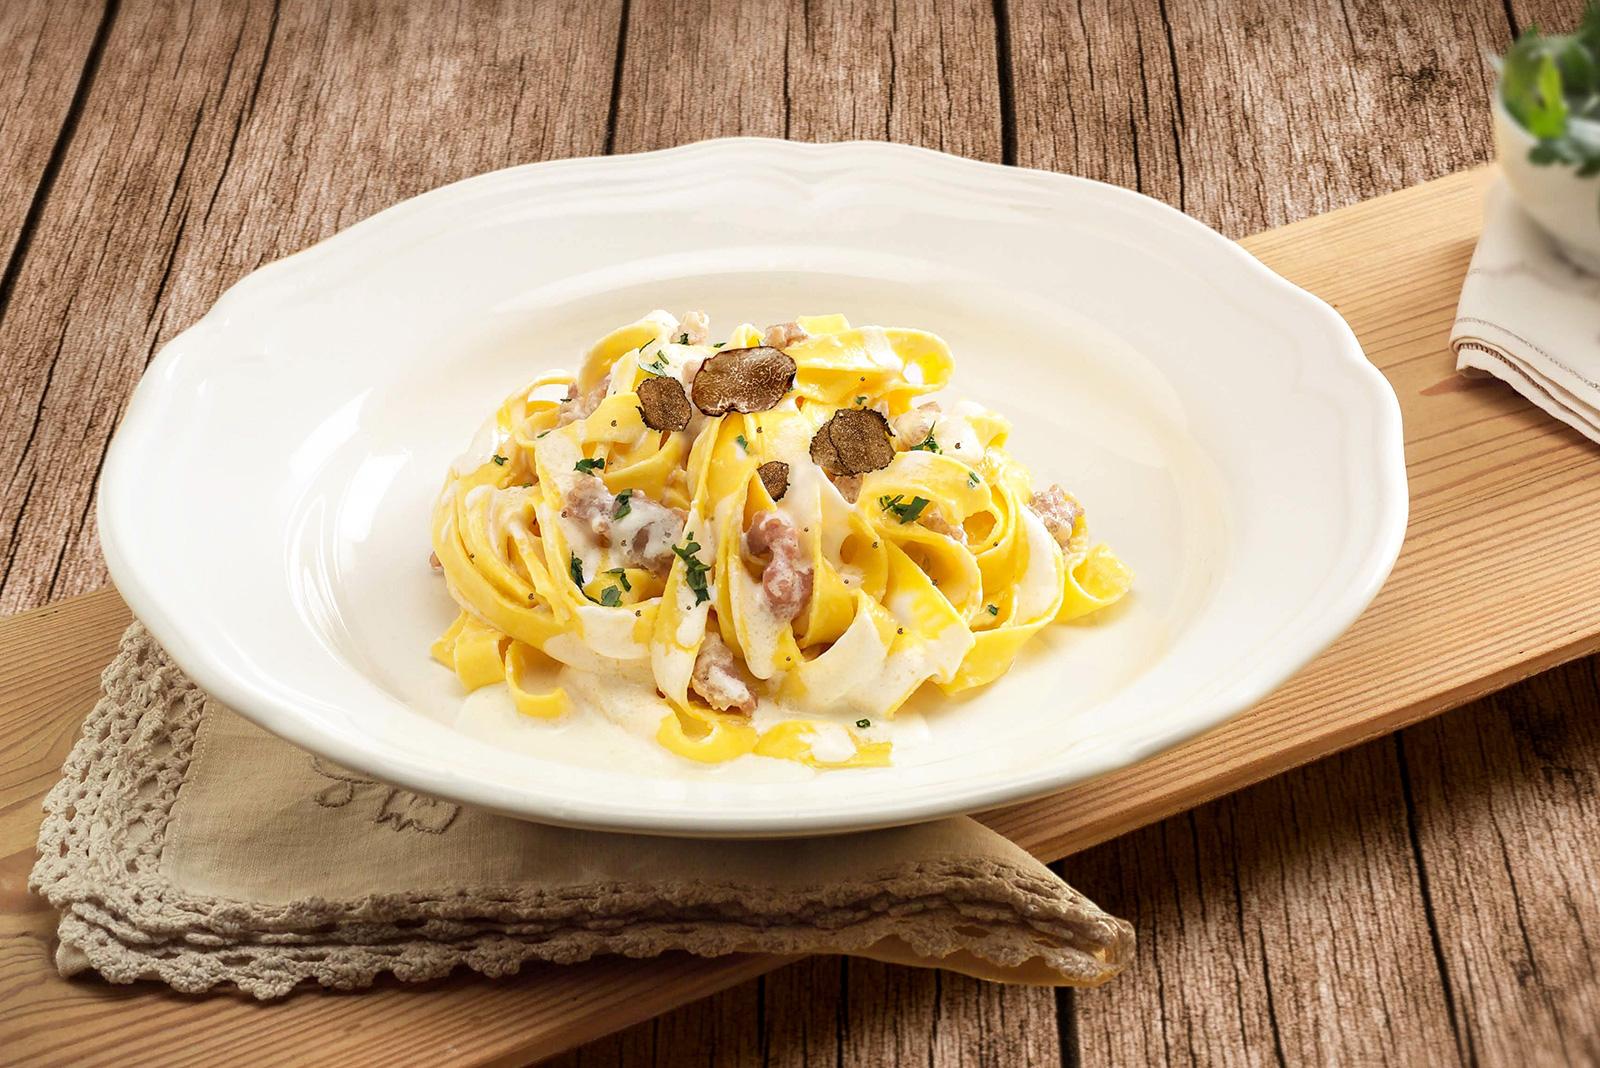 Ricetta Tagliatelle Norcina Senza Glutine - Pasta di Venezia